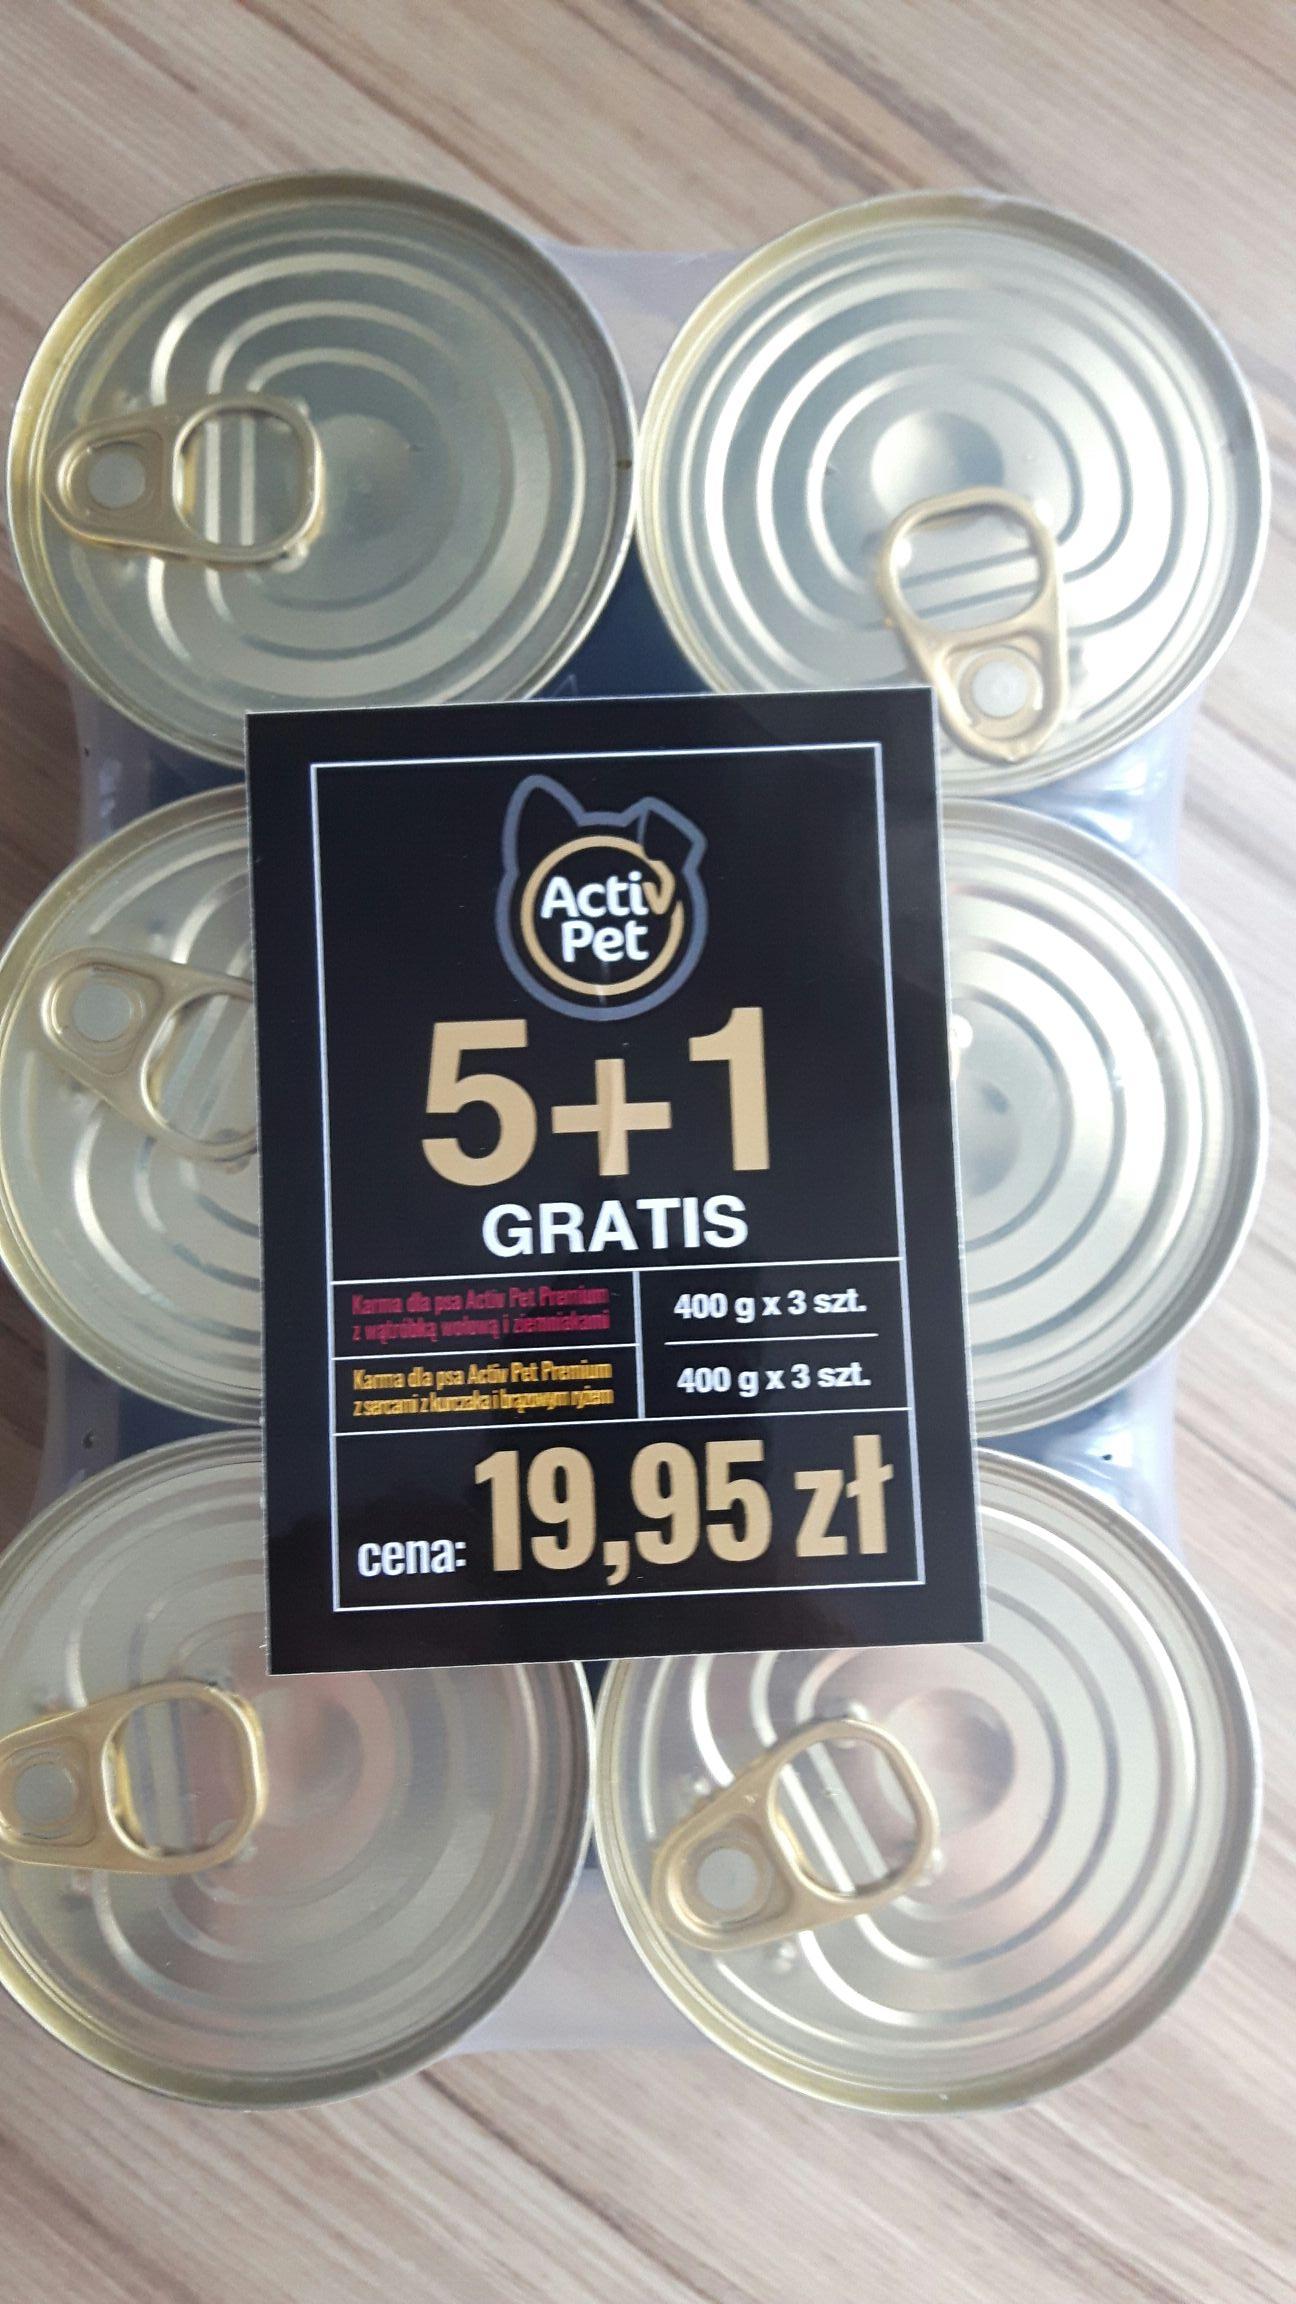 Activ Pet Premium  6 puszek dla psa Bydgoszcz Biedronka Kaliskiego